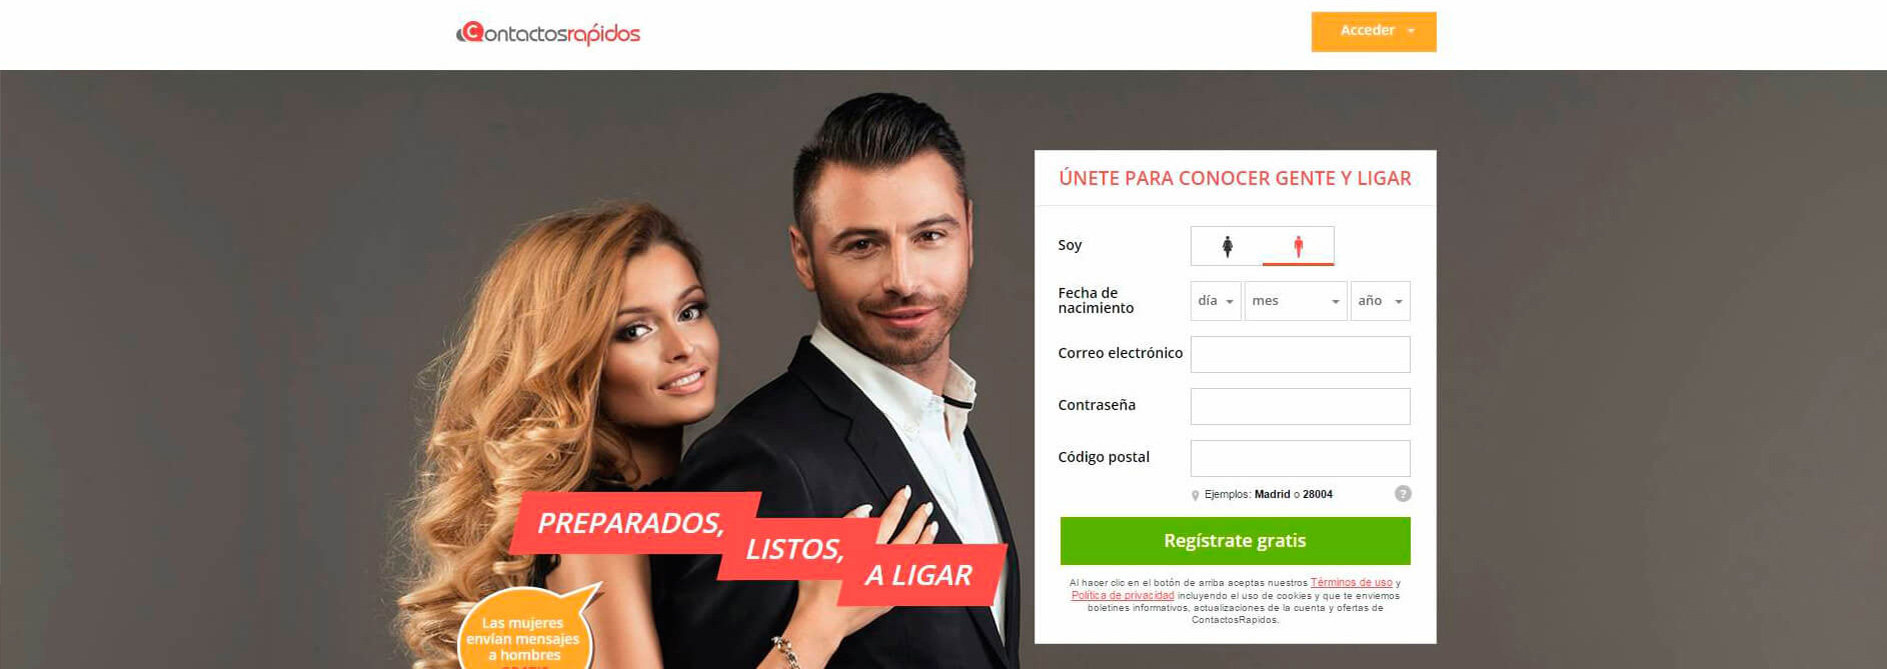 Conocer hombre de otro pais sexo con gordas Valencia-58006